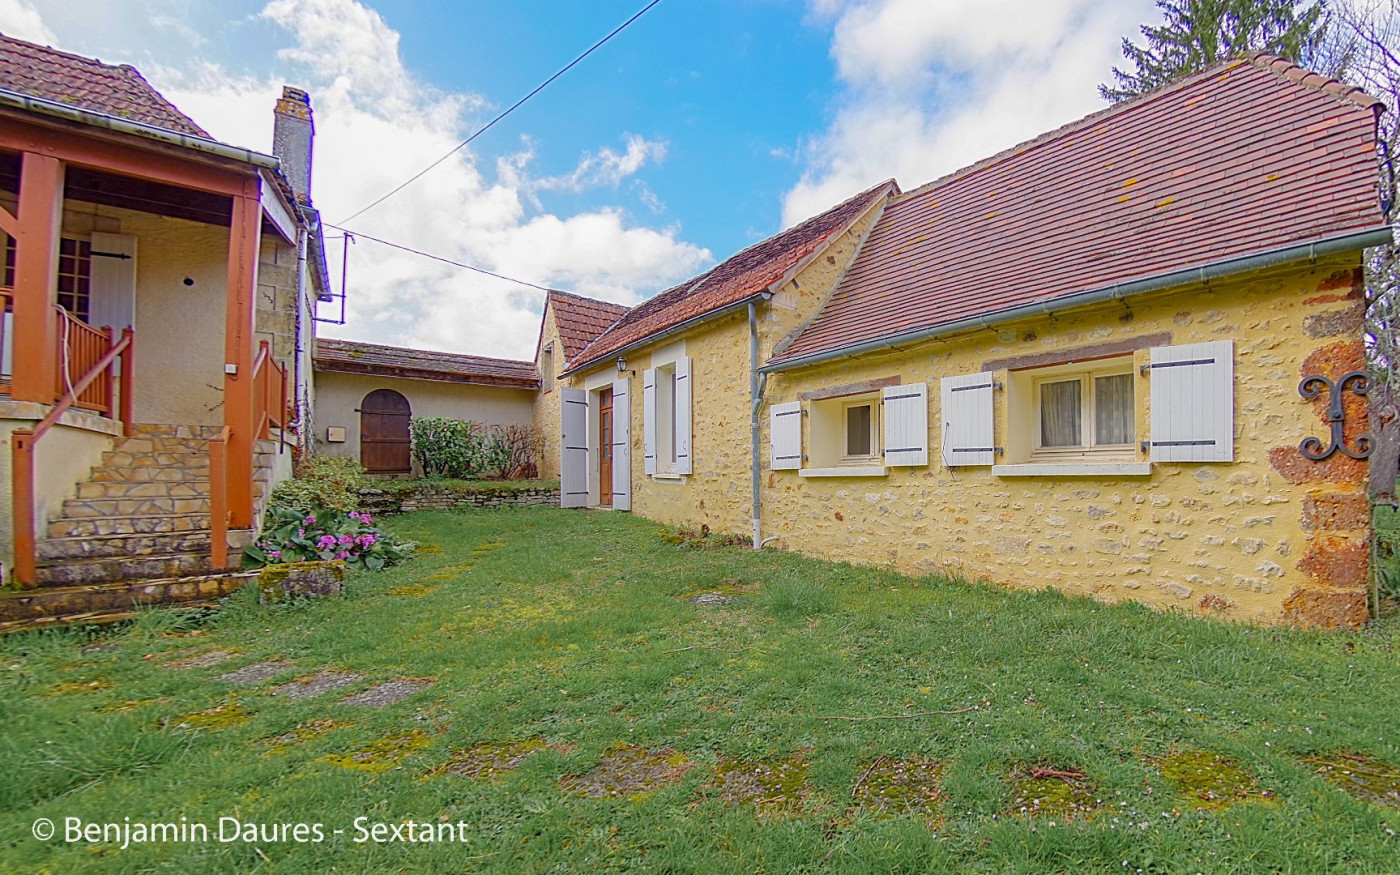 A vendre  Rouffignac Saint Cernin De Re | Réf 7501184802 - Sextant france